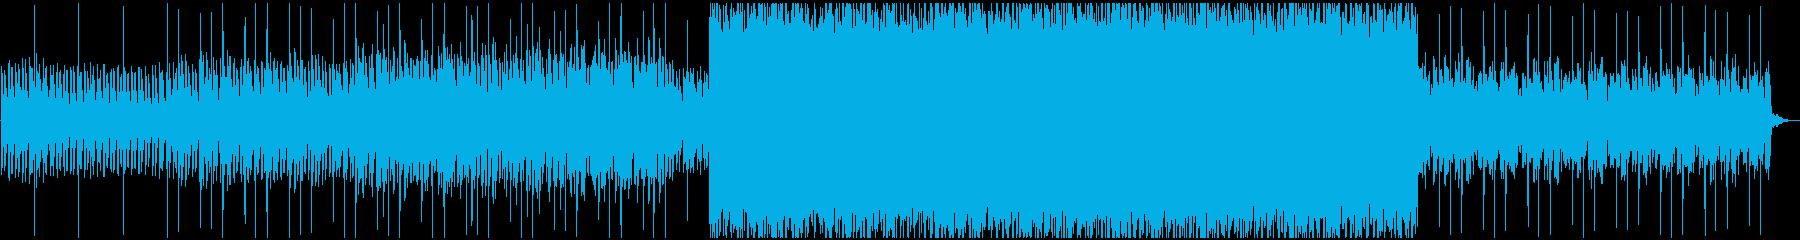 風景シーンなどに合うミニマル型幻想BGMの再生済みの波形